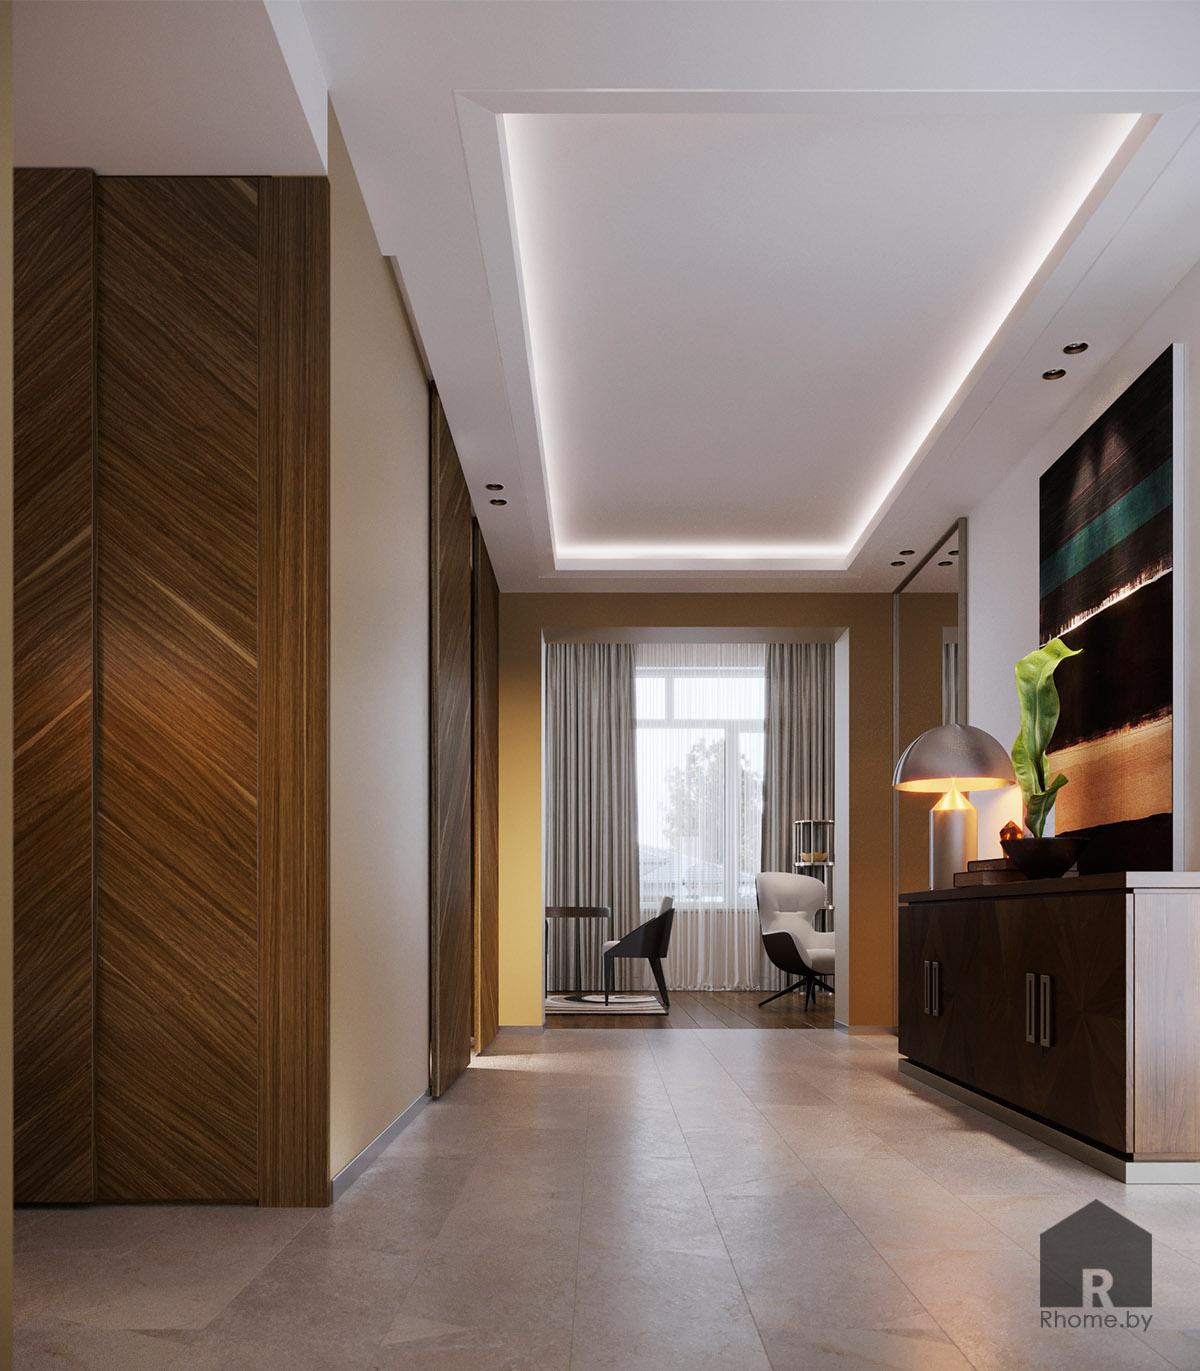 Дизайн интерьера холла в Березовой роще   Дизайн студия – Rhome.by